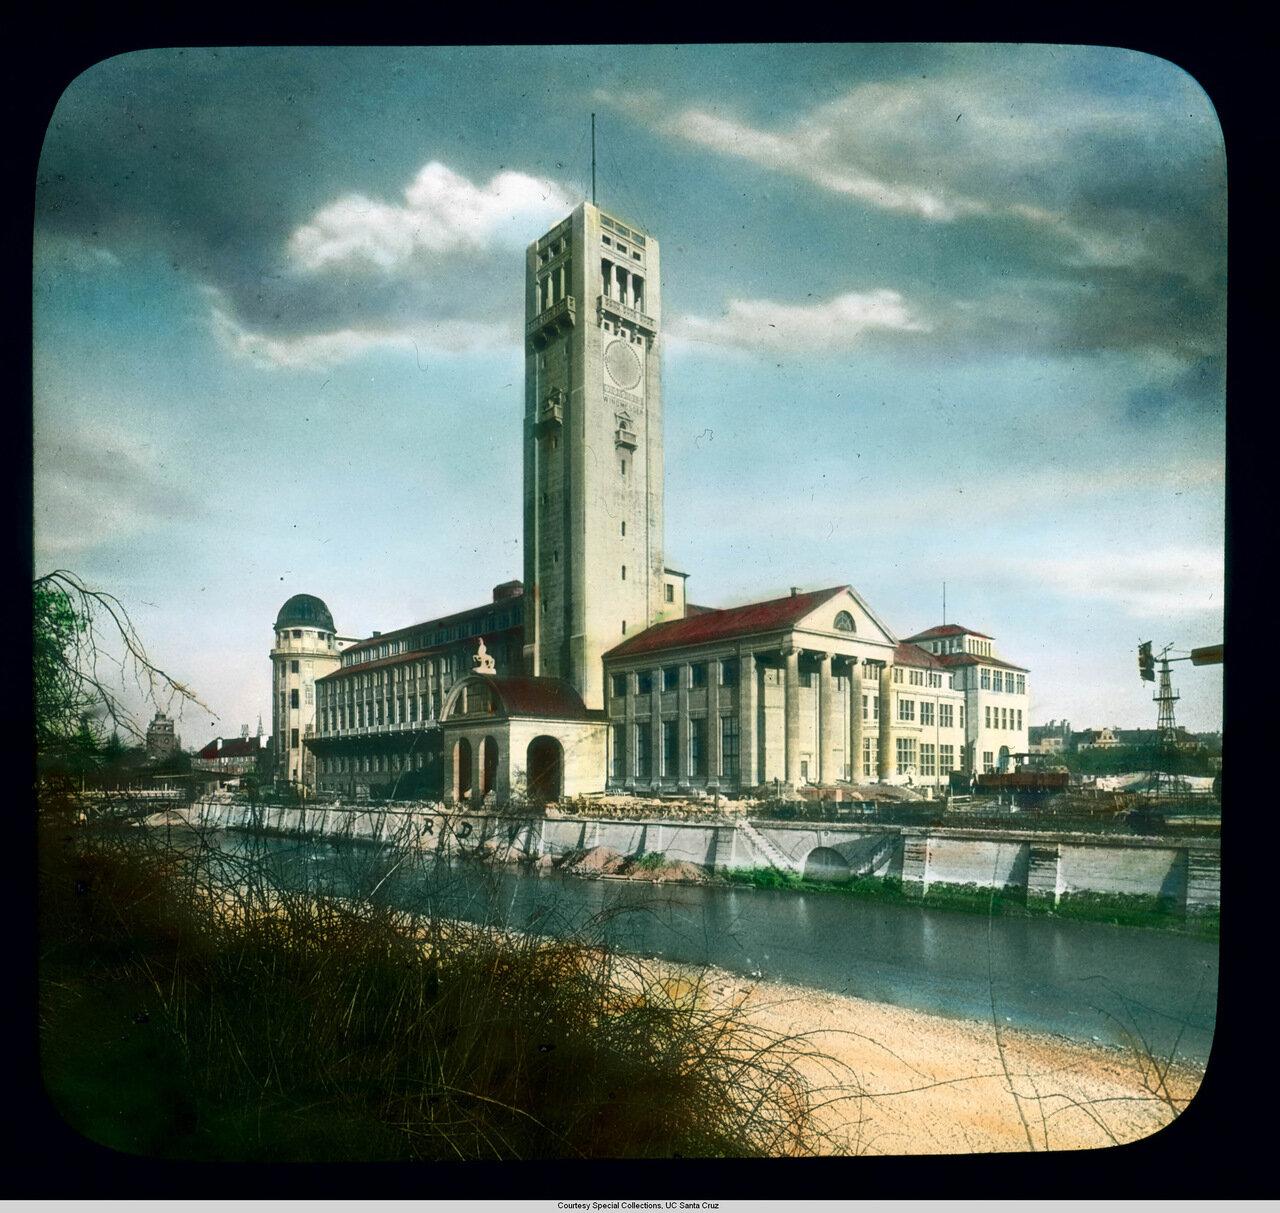 Мюнхен. Германский музей. Вид Музея на Музейном острове на реке Шпрее